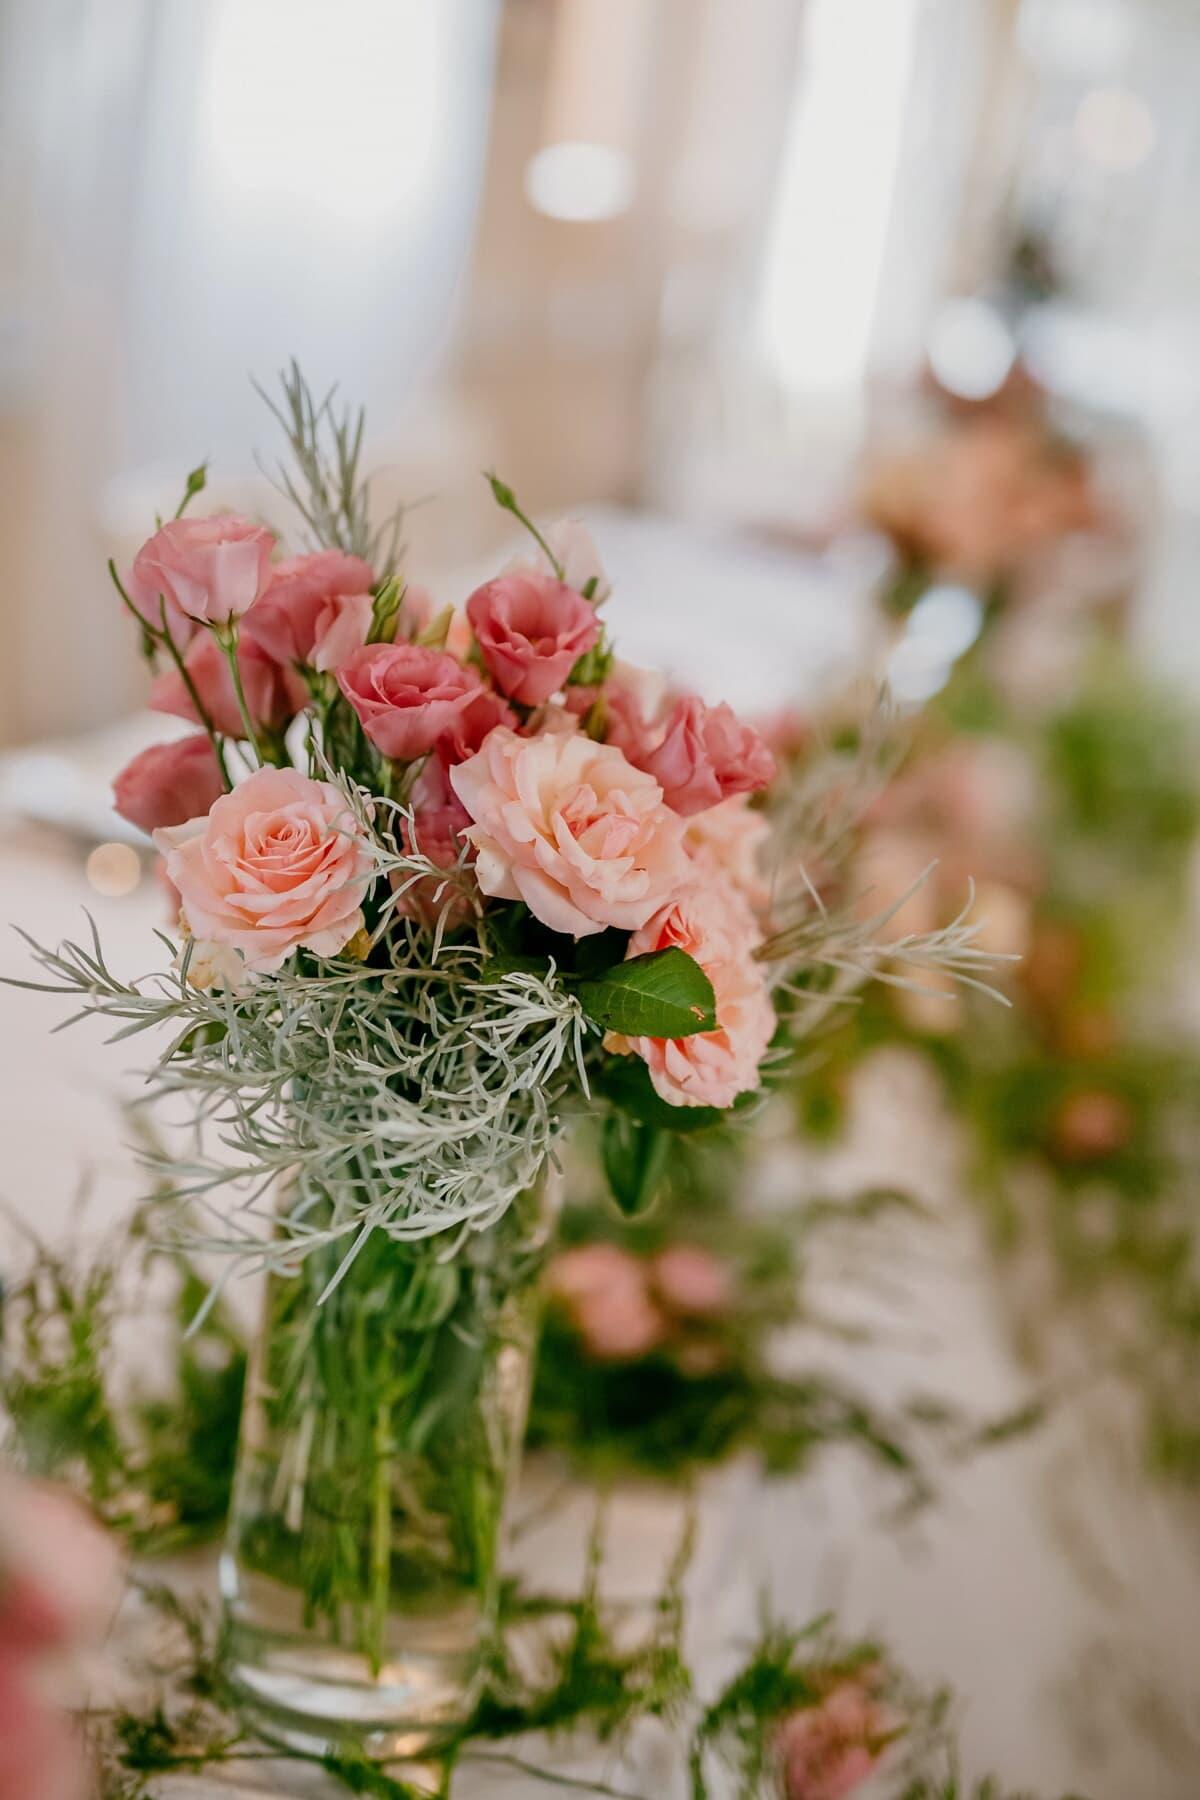 Carnation, des roses, rosâtre, vase, bouquet, Rose, décoration, arrangement, fleur, fleurs